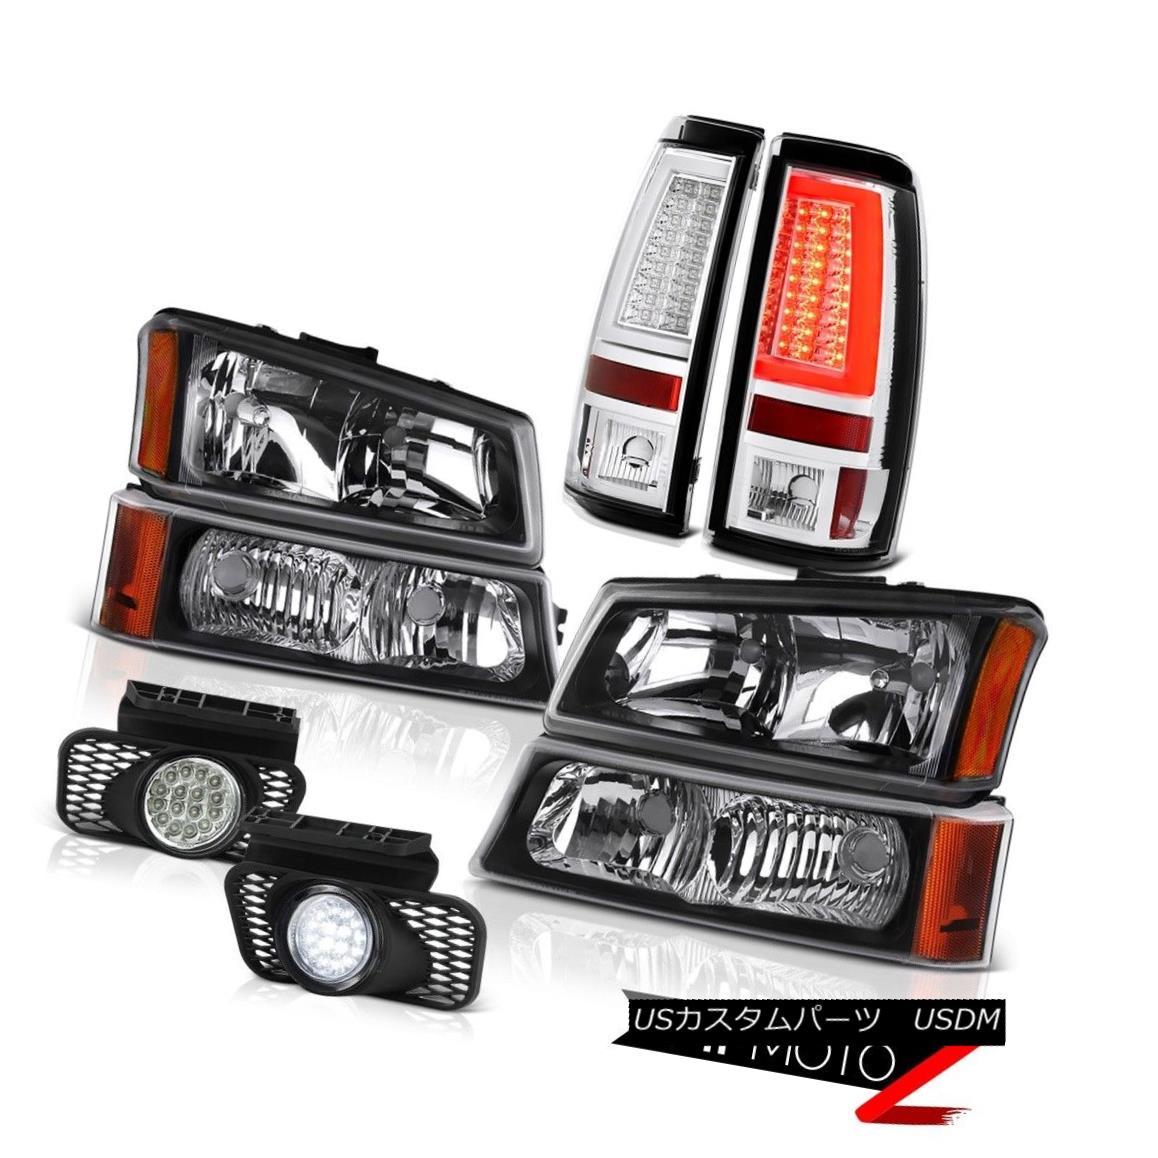 テールライト 03-06 Silverado 1500 Clear Chrome Tail Lamps Headlamps Fog Lights